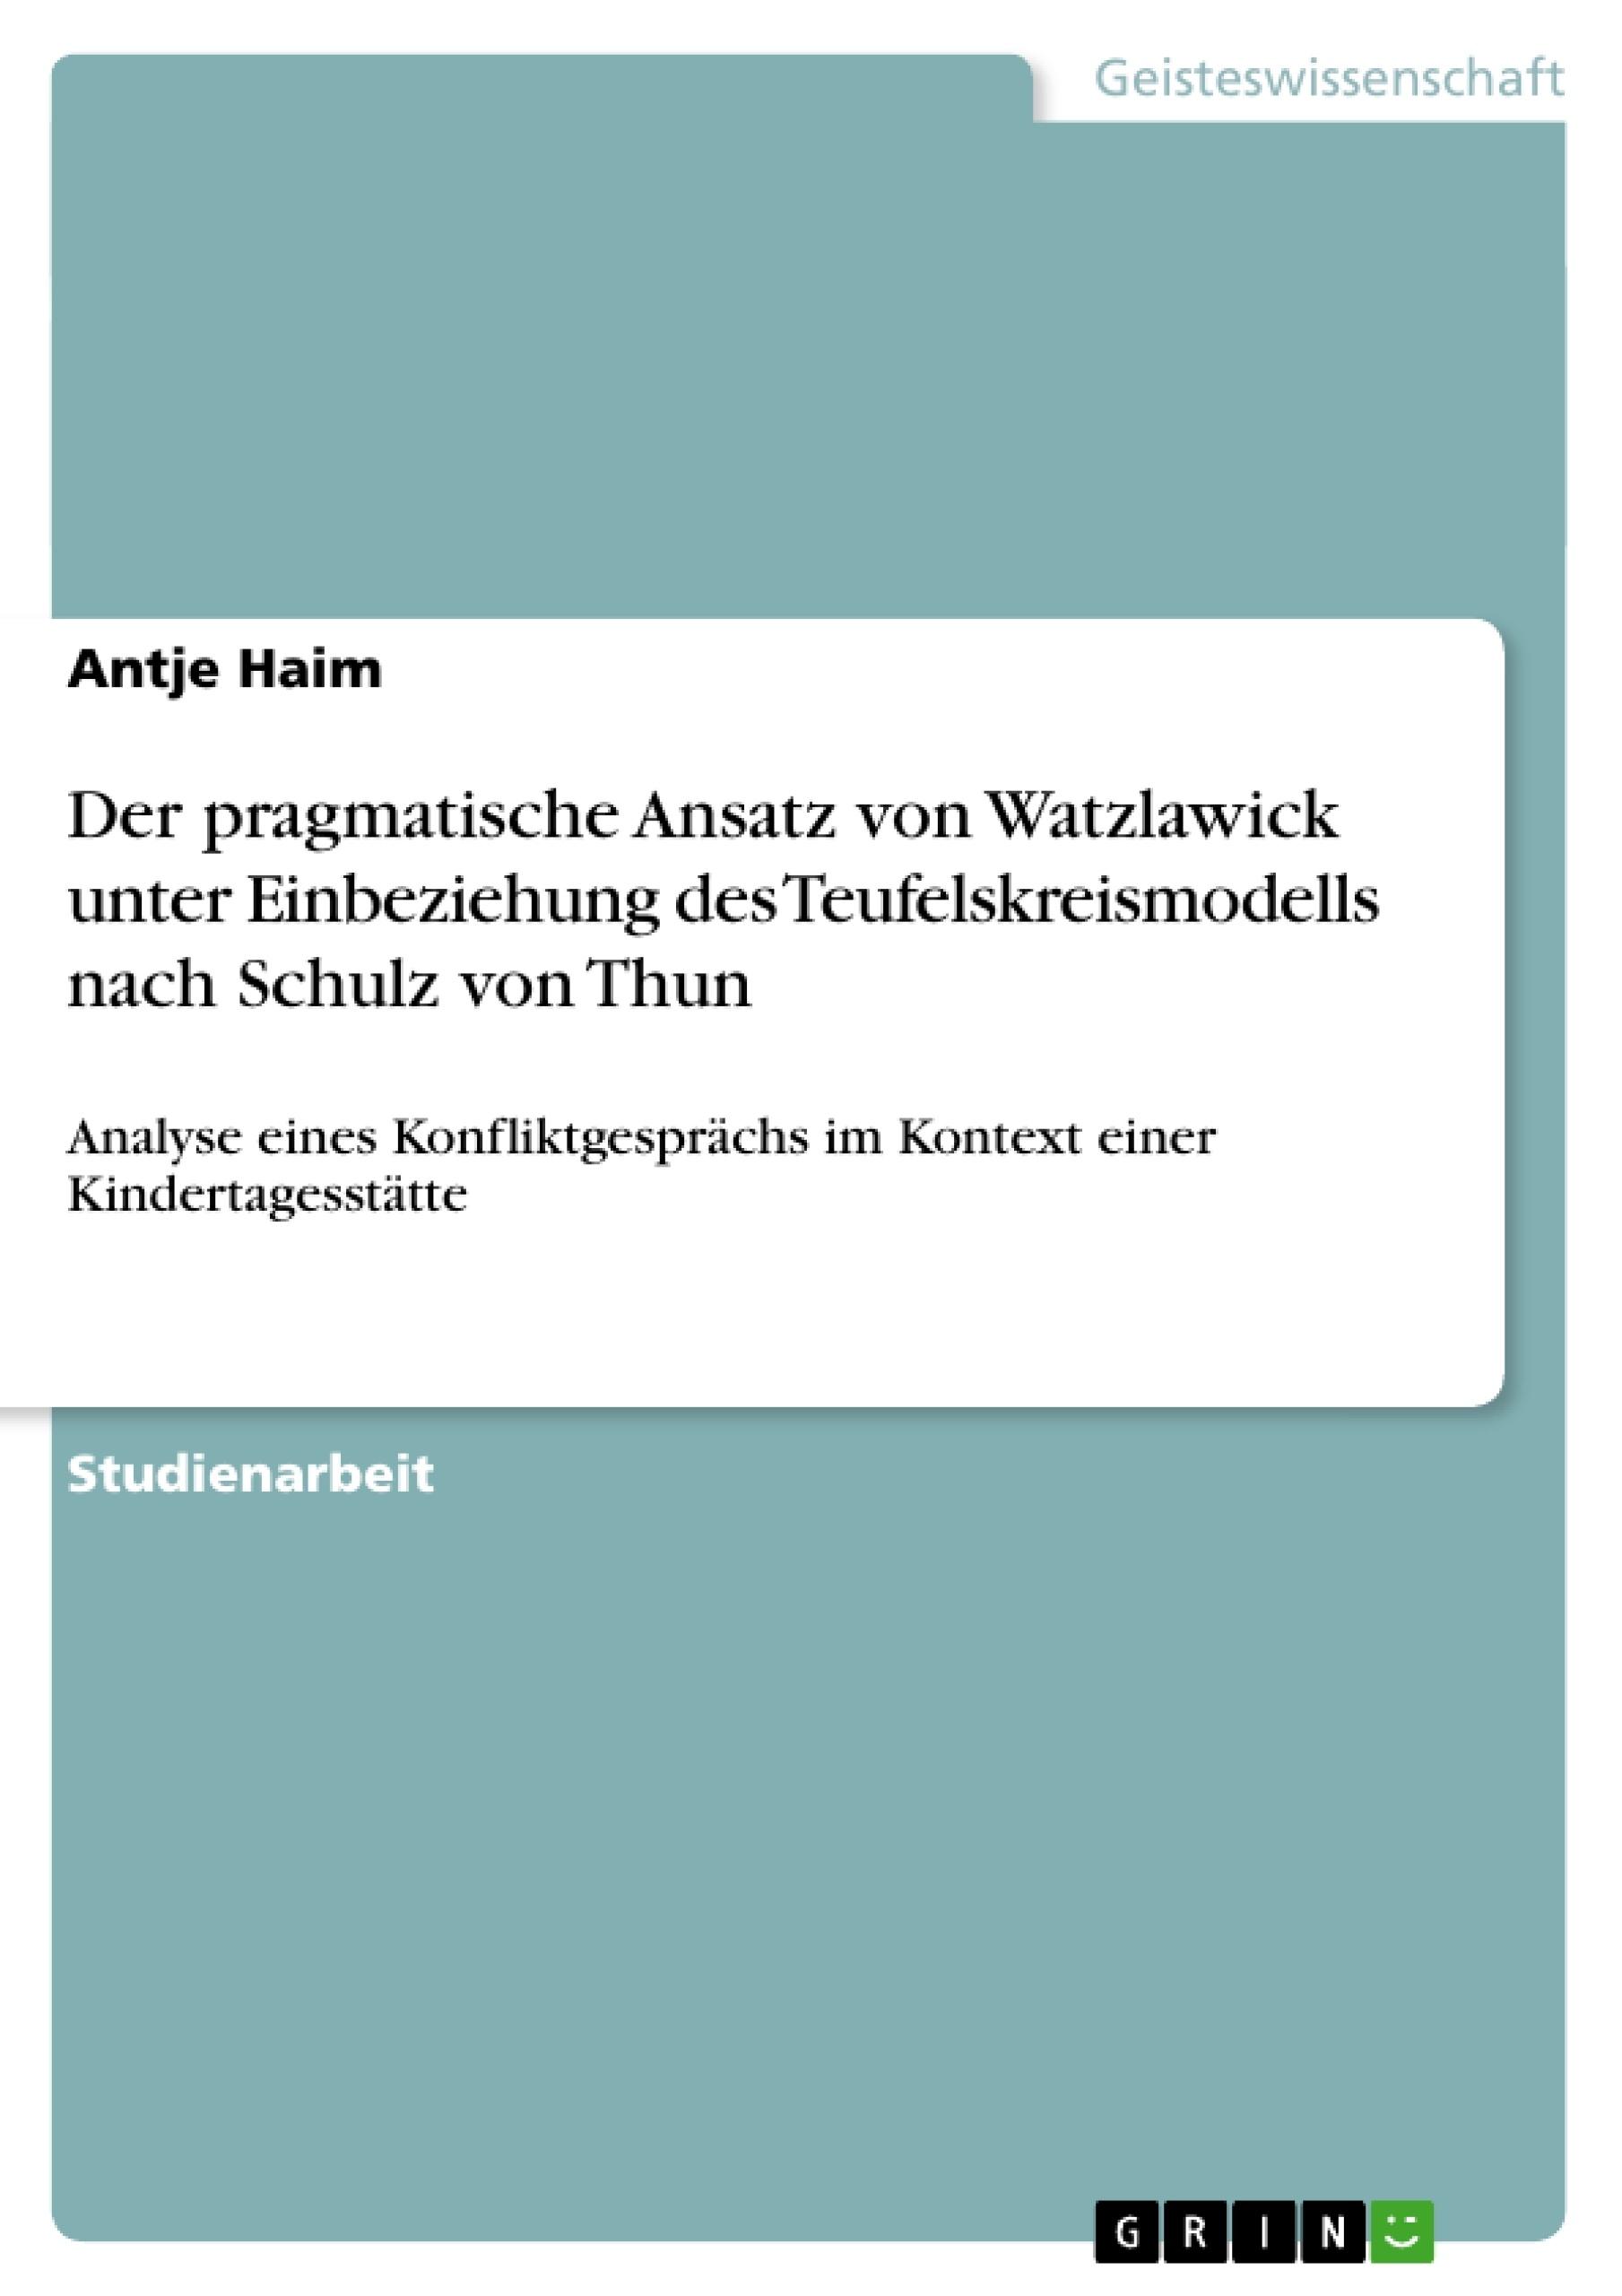 Titel: Der pragmatische Ansatz von Watzlawick unter Einbeziehung des Teufelskreismodells nach Schulz von Thun